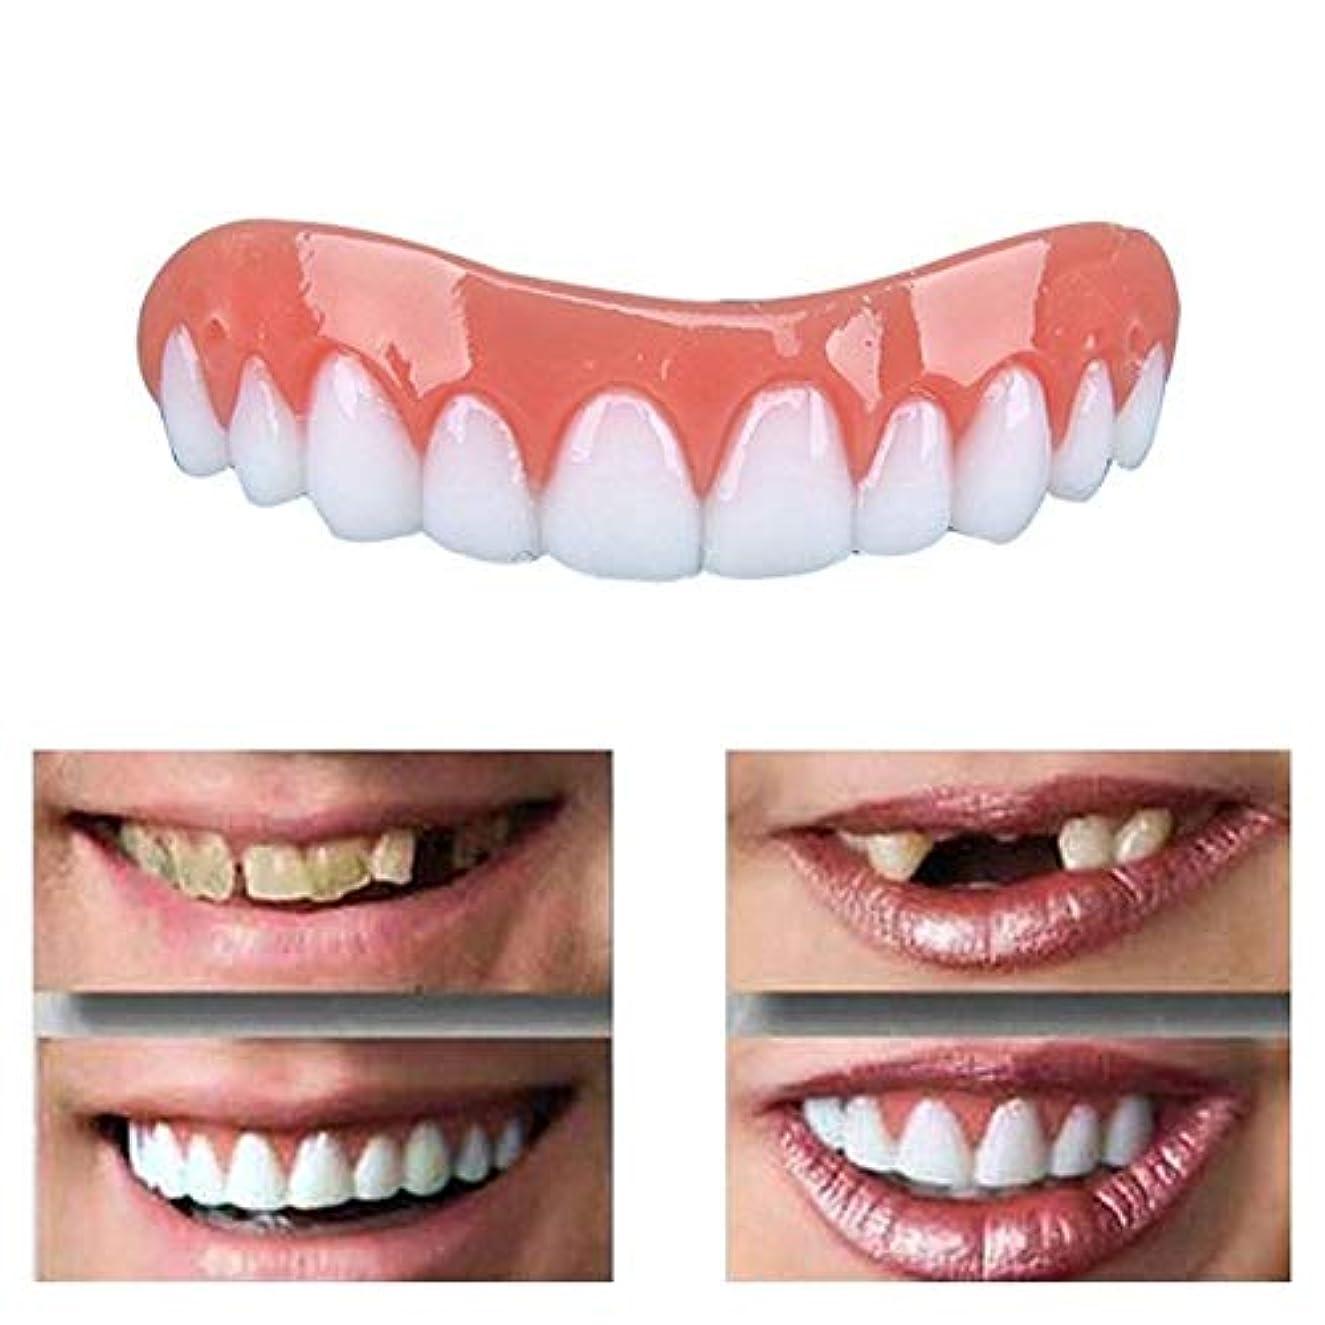 補助金眠いです寝る20ピースパーフェクトスマイルベニア偽の歯アッパー偽の歯カバースナップオン即時の歯化粧品義歯のケアオーラルケアシリコーンホワイトニング義歯